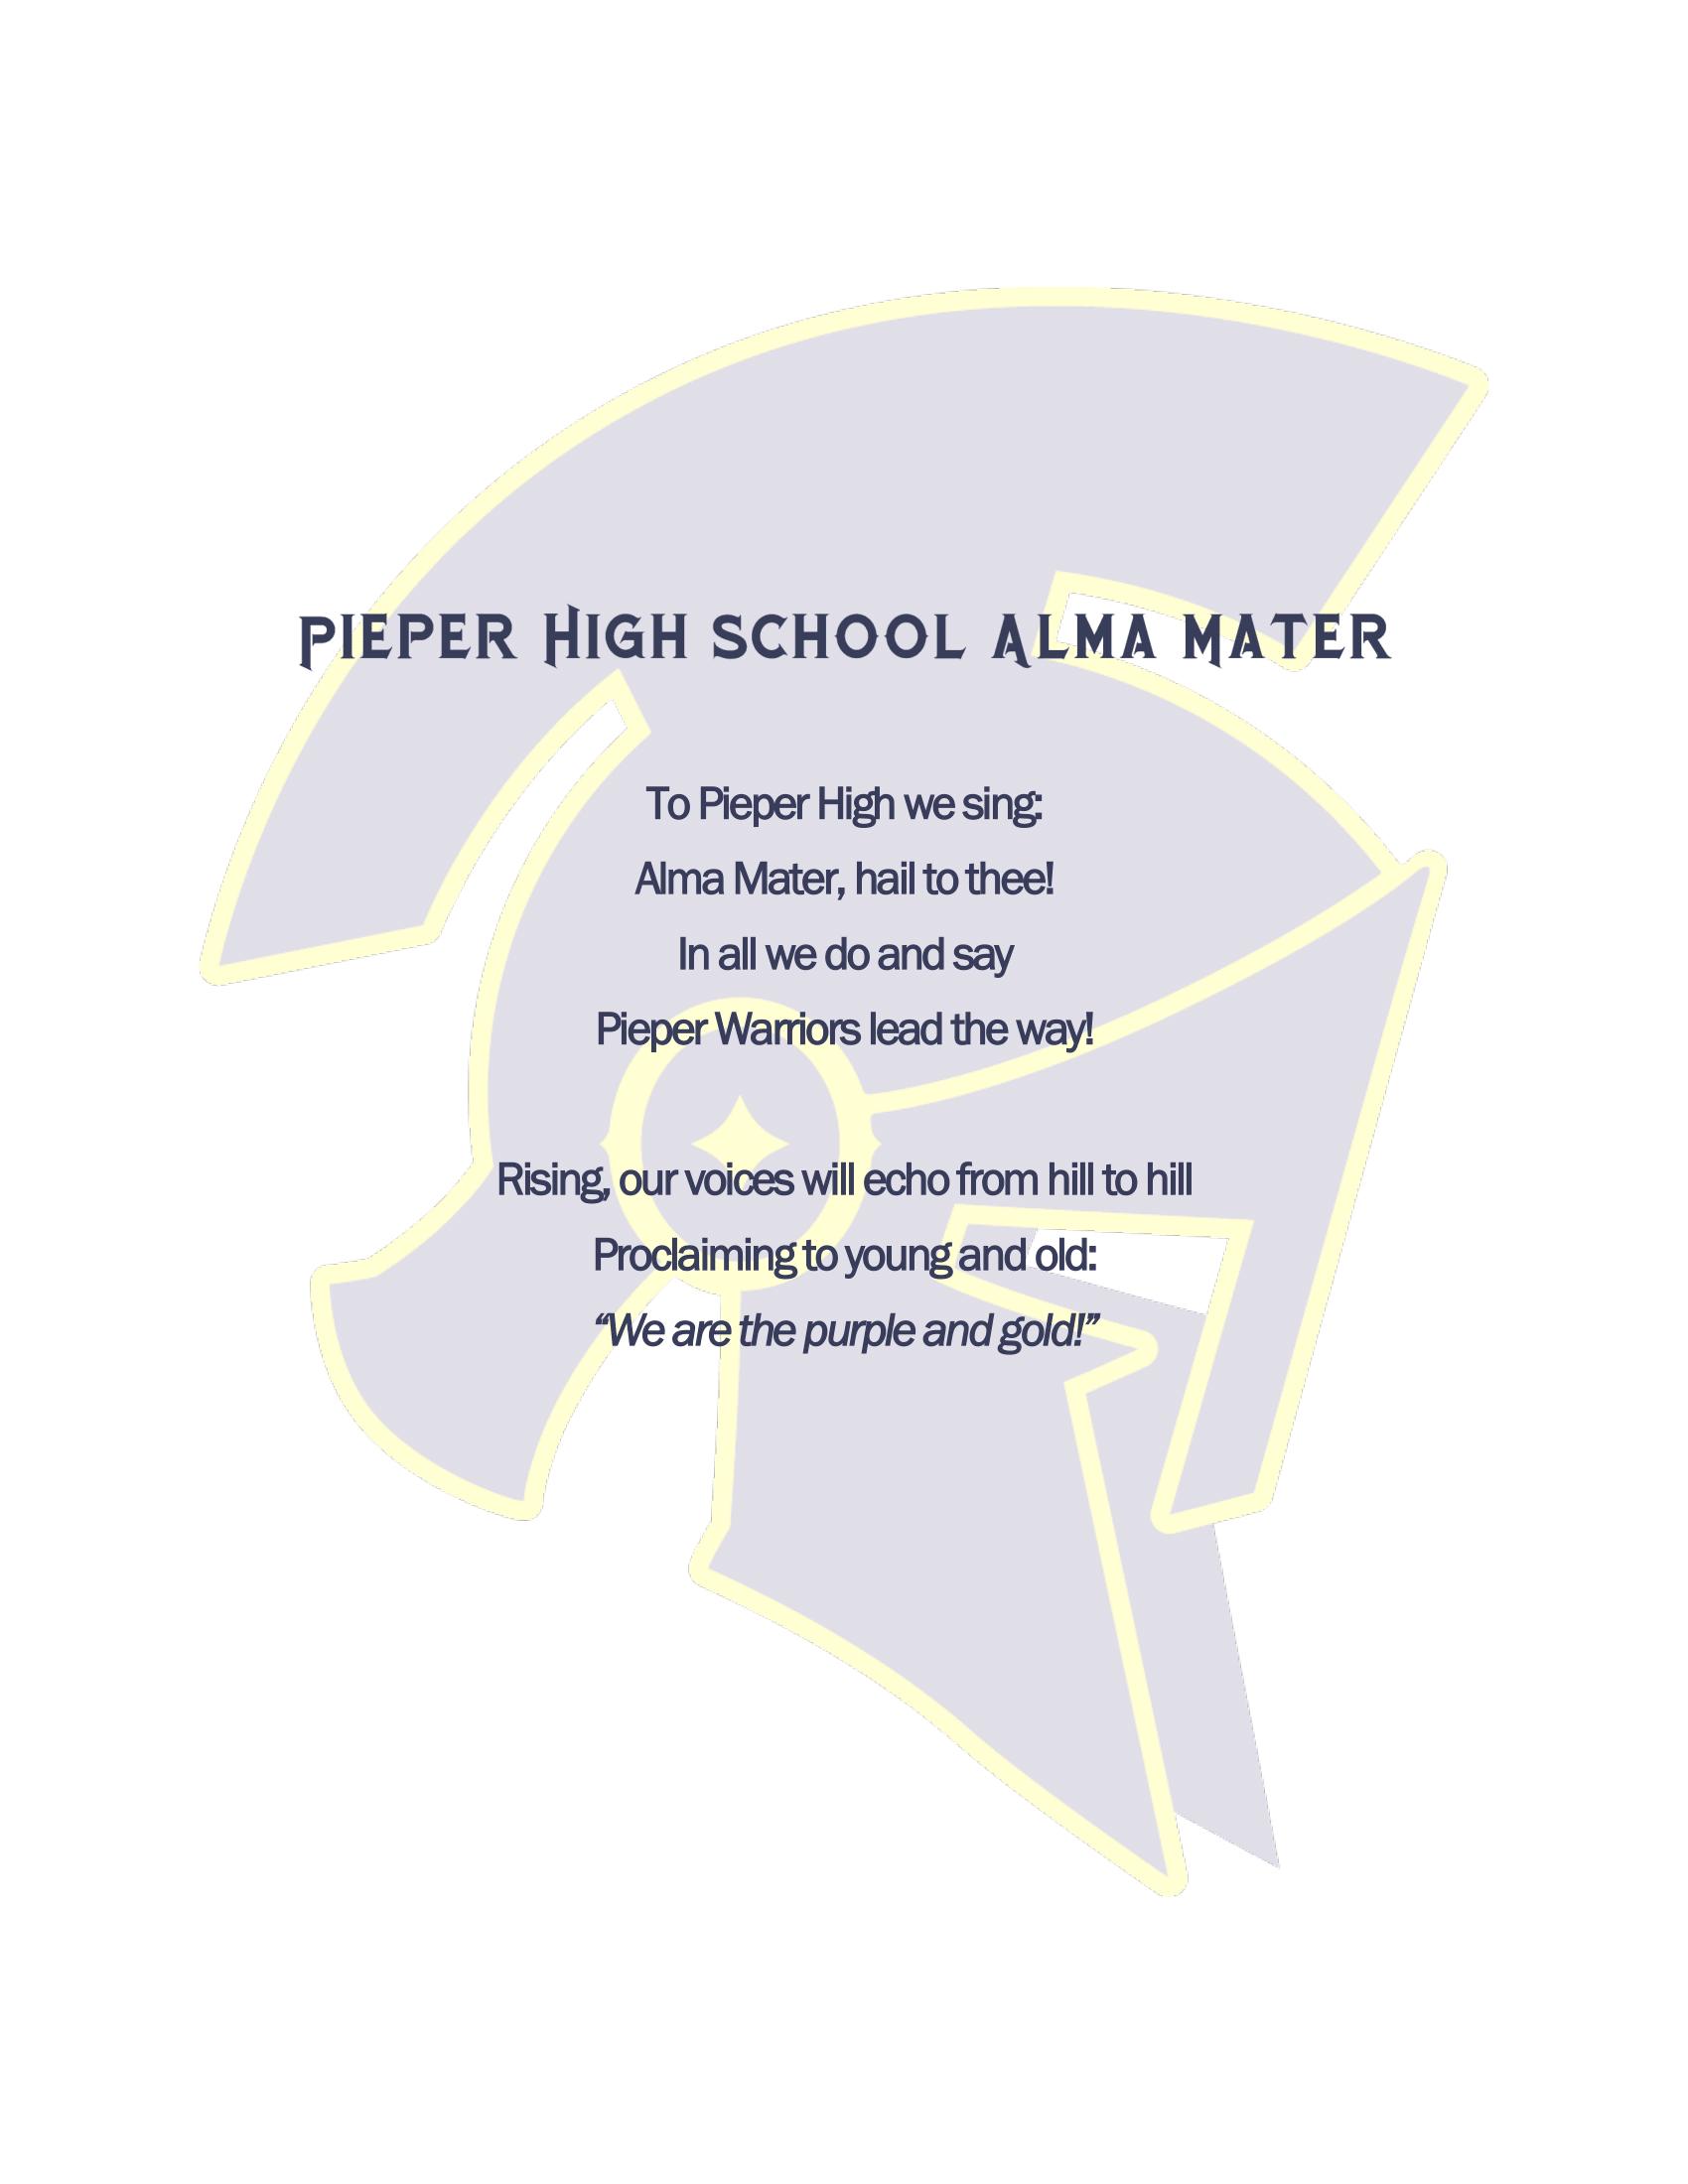 PHS Alma Mater